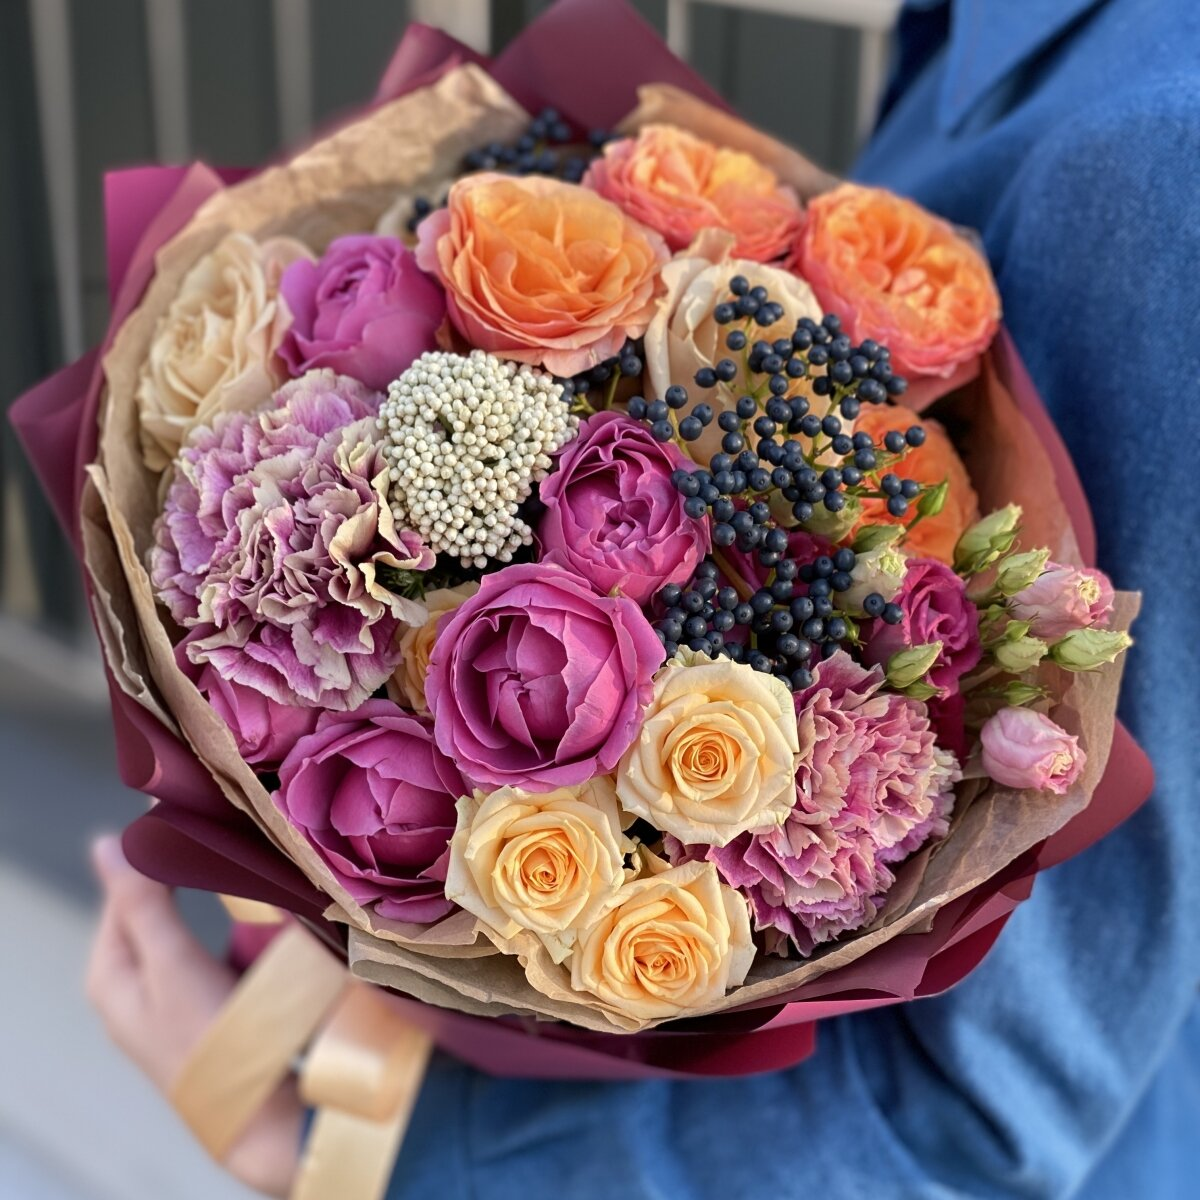 Букет из пионовидных роз, эустомы, озотамнуса, диантуса и вибурнума Ла-Манш